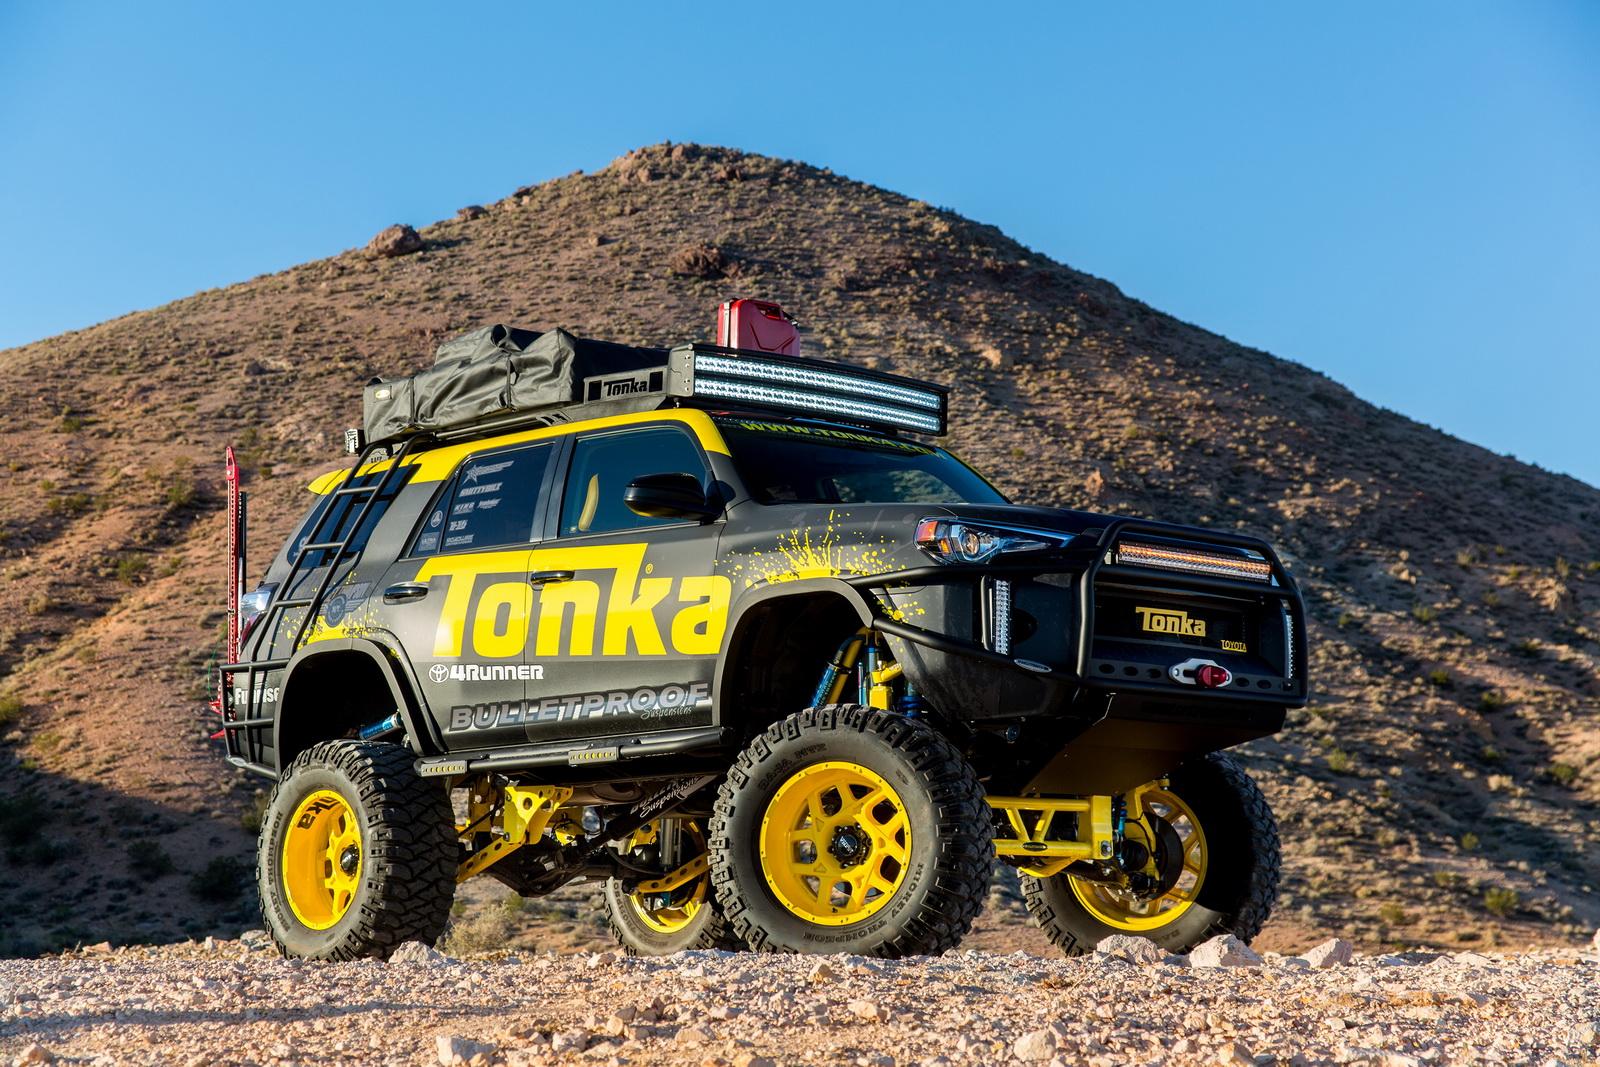 2015-11-06 Toyota Tonka 4Runner 1